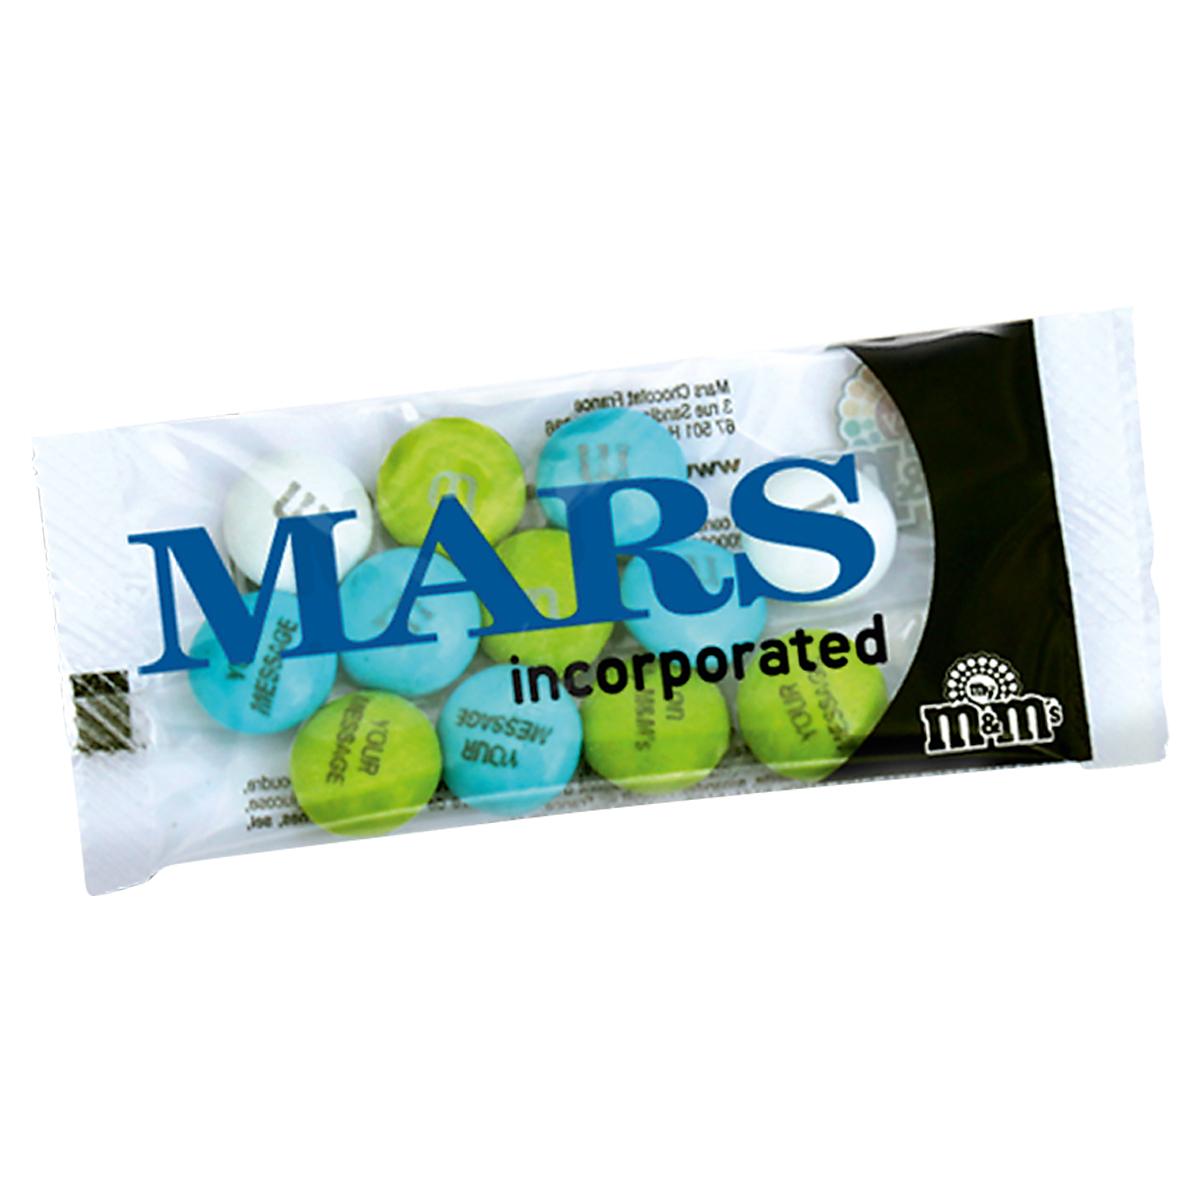 My Mms Tütchen Ideenplusmarken Gruppe Werbeartikel